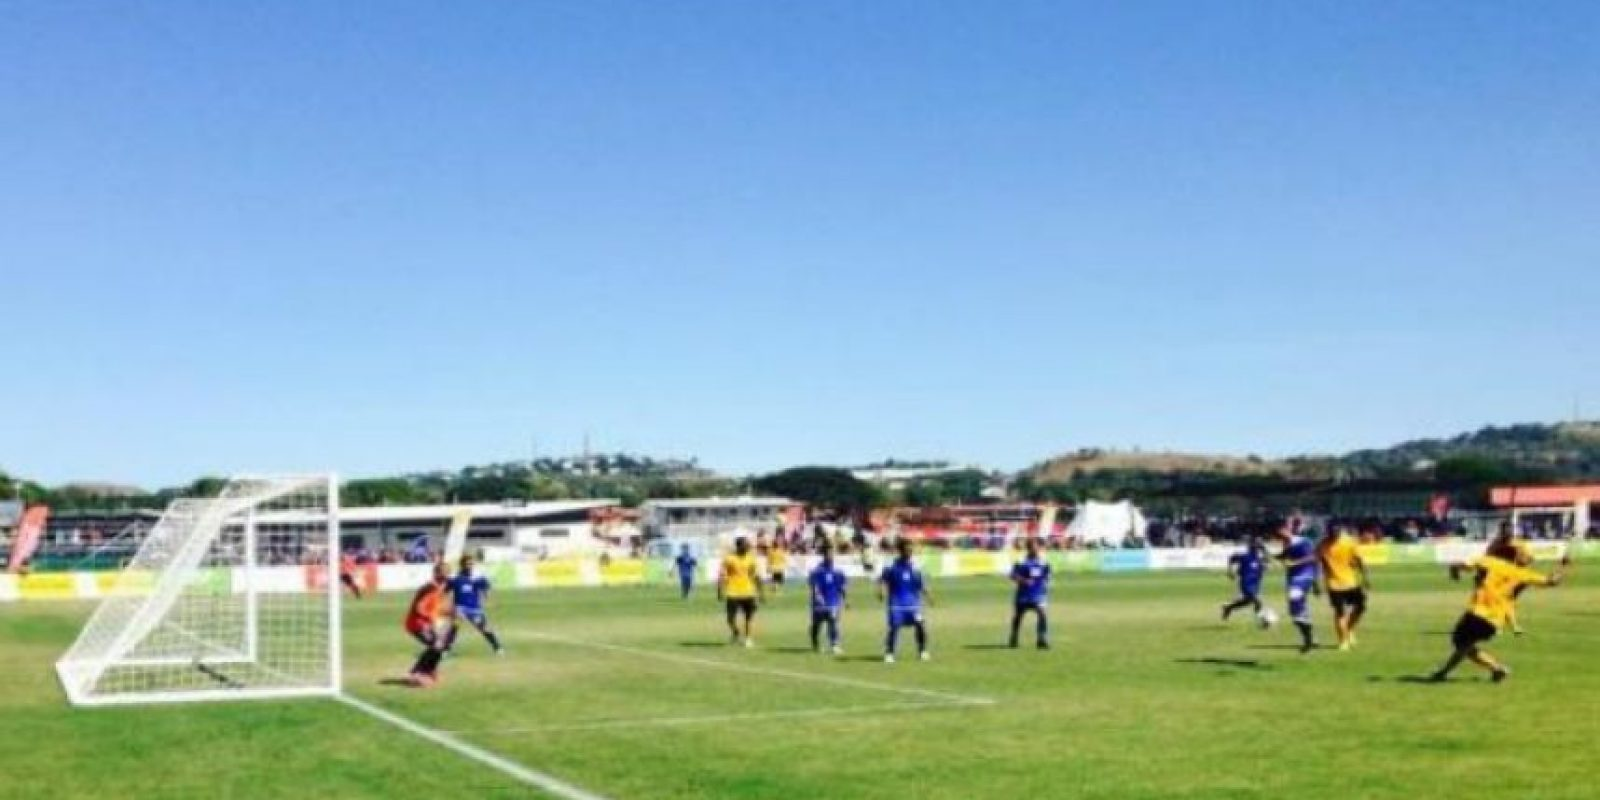 La selección recibió 30 goles o más por partido Foto:Vía twitter.com/PORTMORESBY2015